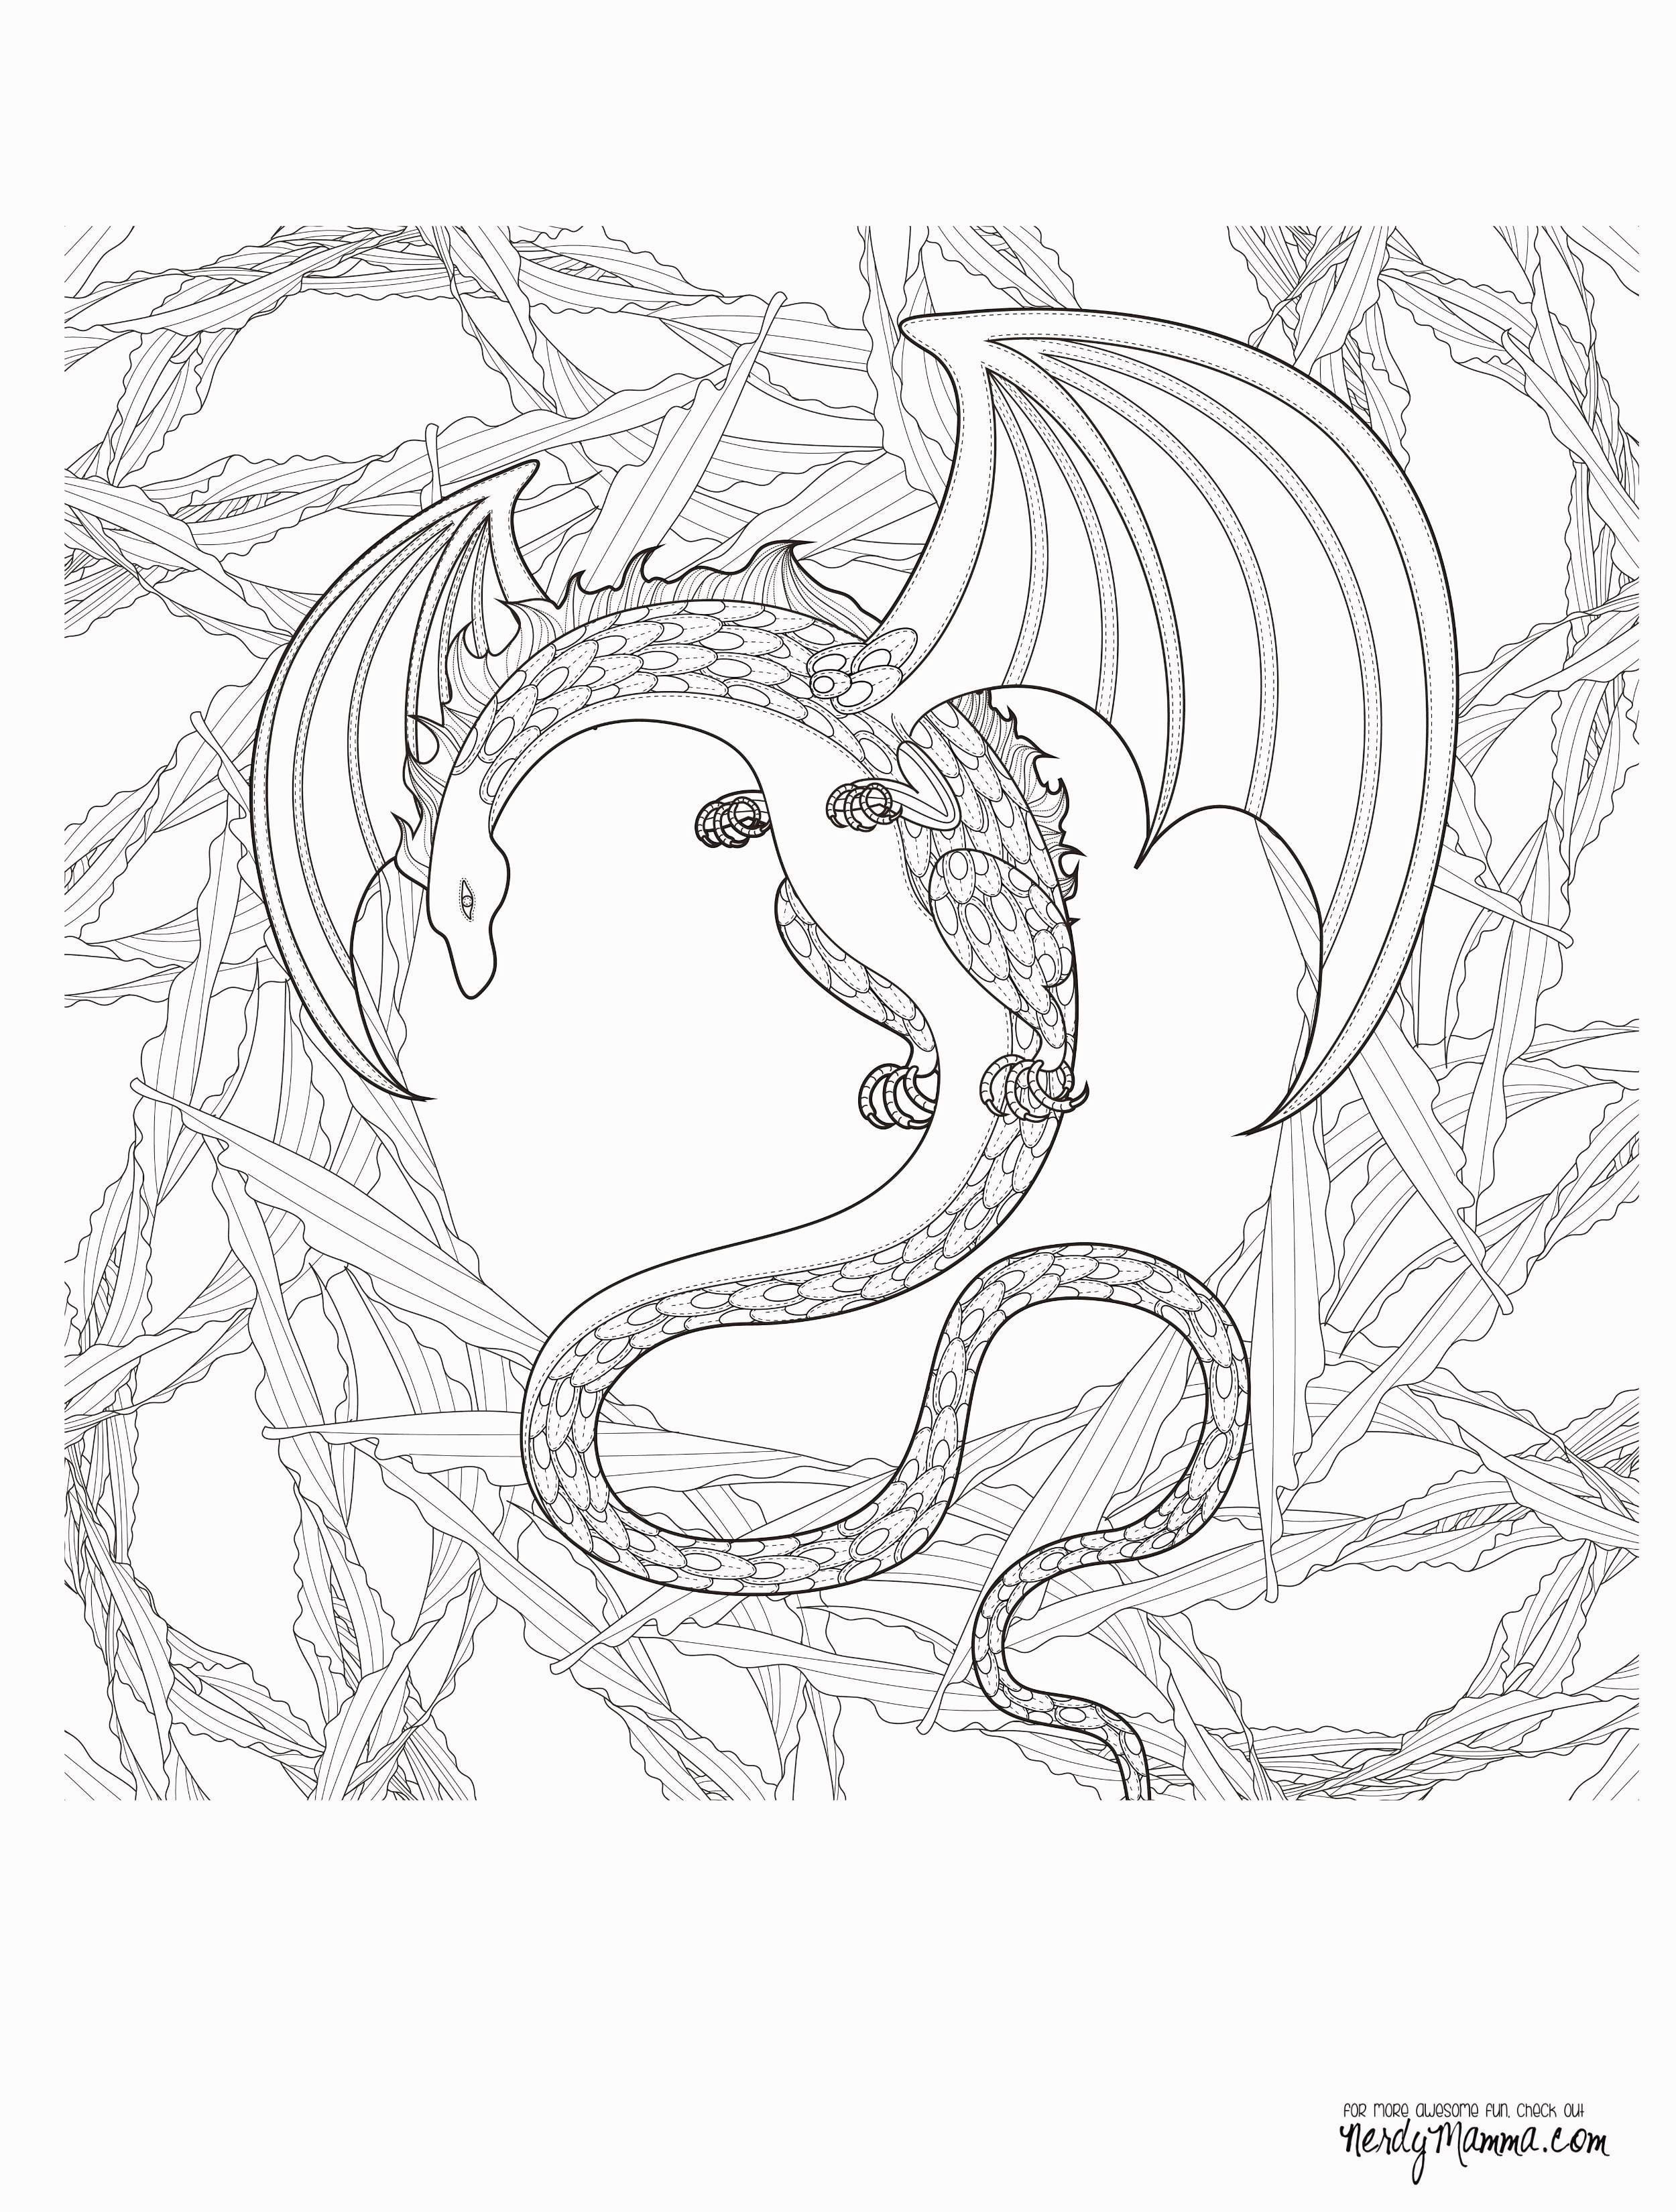 Malvorlagen Tiere Einfach Frisch Ausmalbilder Tiere Im Wald Neu Malvorlagen Igel Einzigartig Igel Bilder